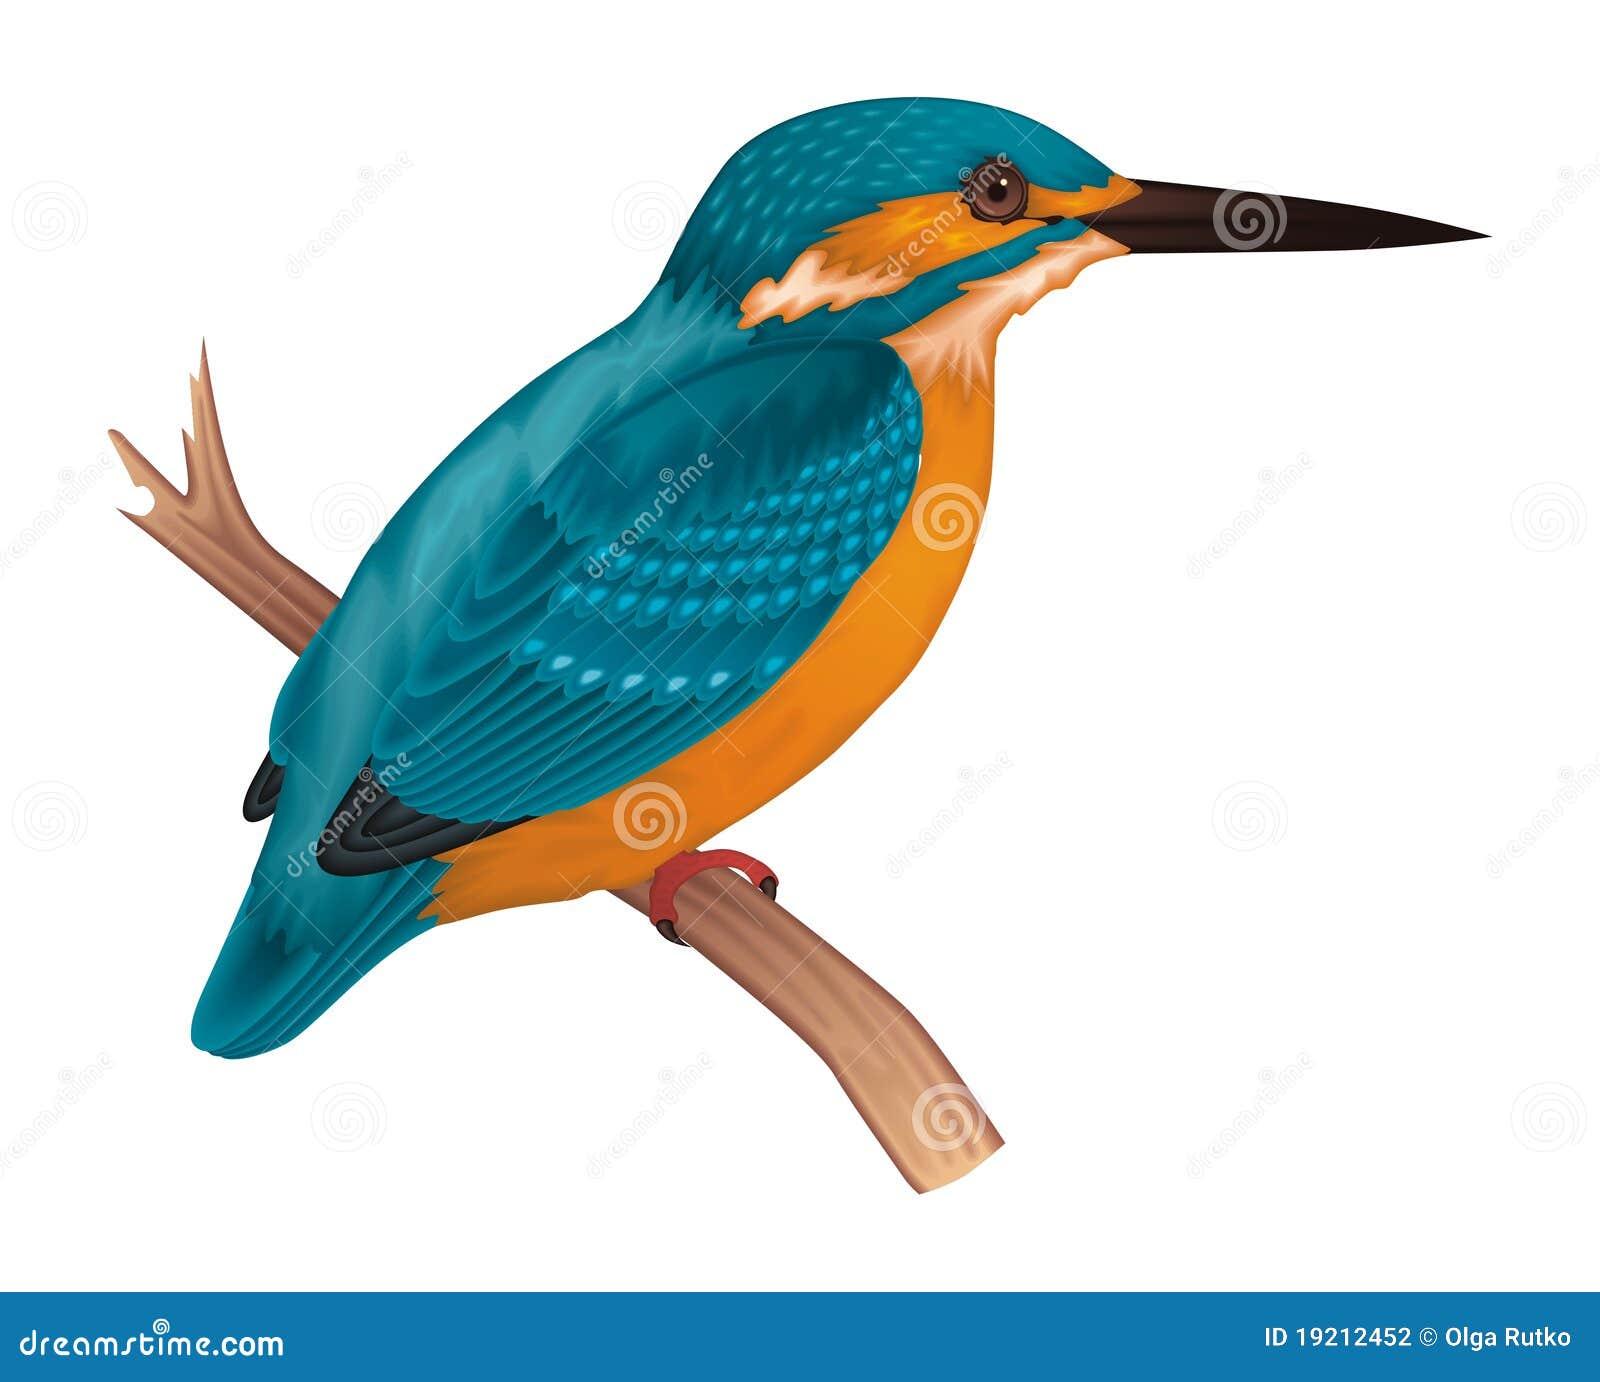 ijsvogel vector illustratie illustratie bestaande uit